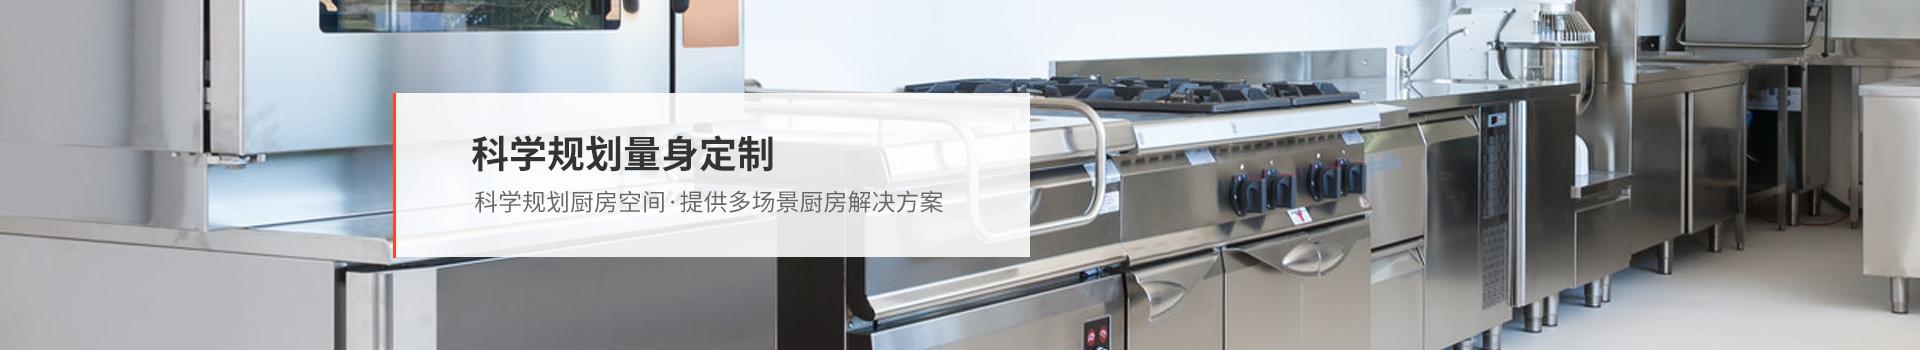 新邑航,量身定制不同场景厨房解决方案